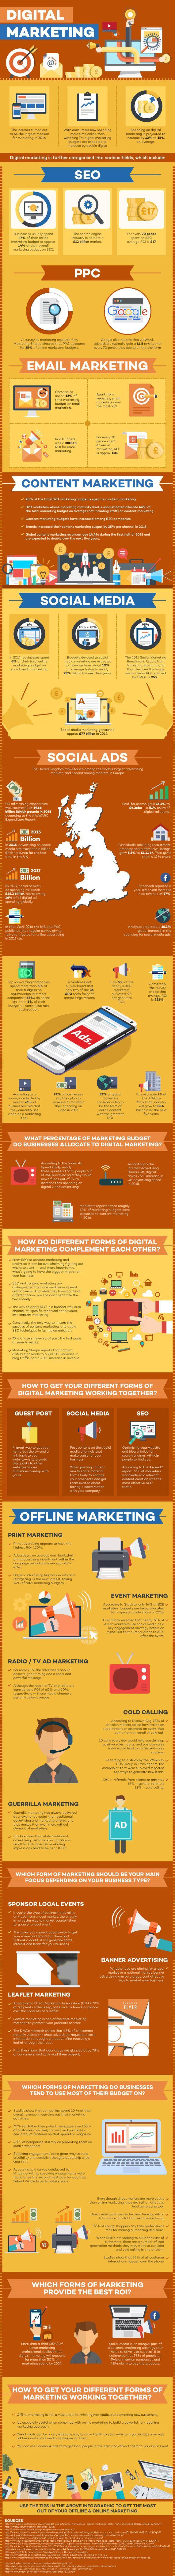 Online vs. Offline Marketing: An Infographic - Social Media Explorer